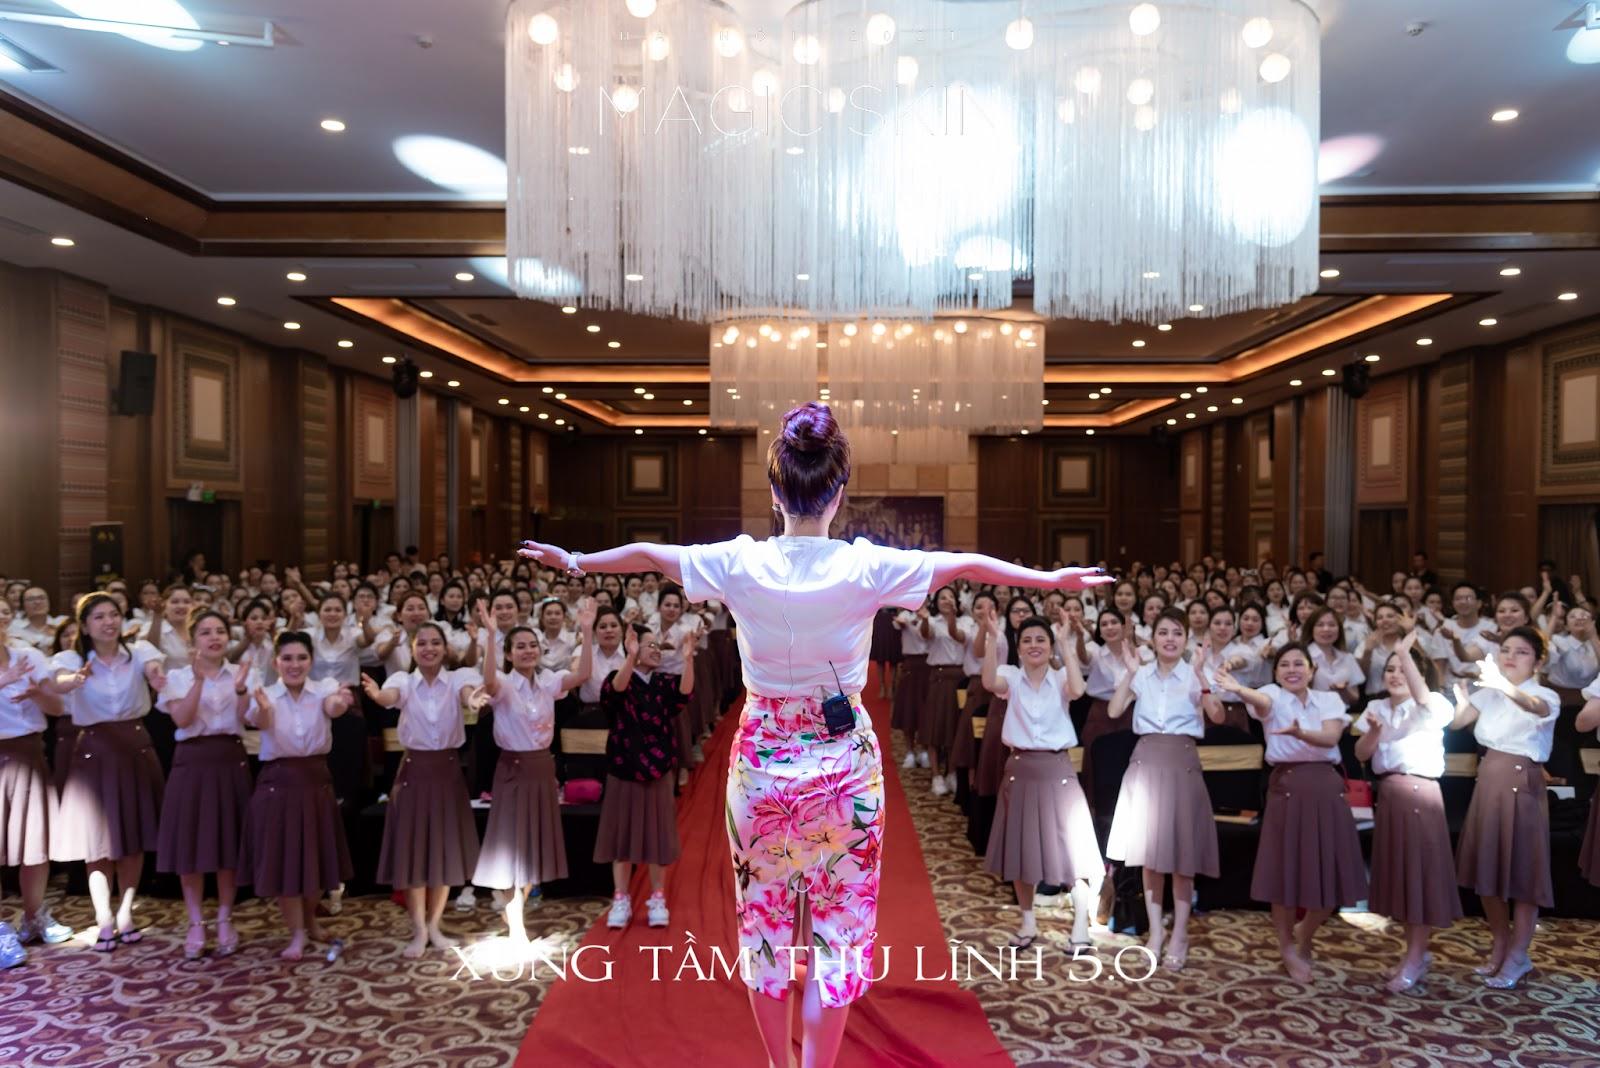 Trở thành thủ lĩnh xứng tầm cùng nữ diễn giả trẻ tuổi Đào Minh Châu trong khóa đào tạo đẳng cấp Xứng tầm thủ lĩnh 5.0 - Ảnh 9